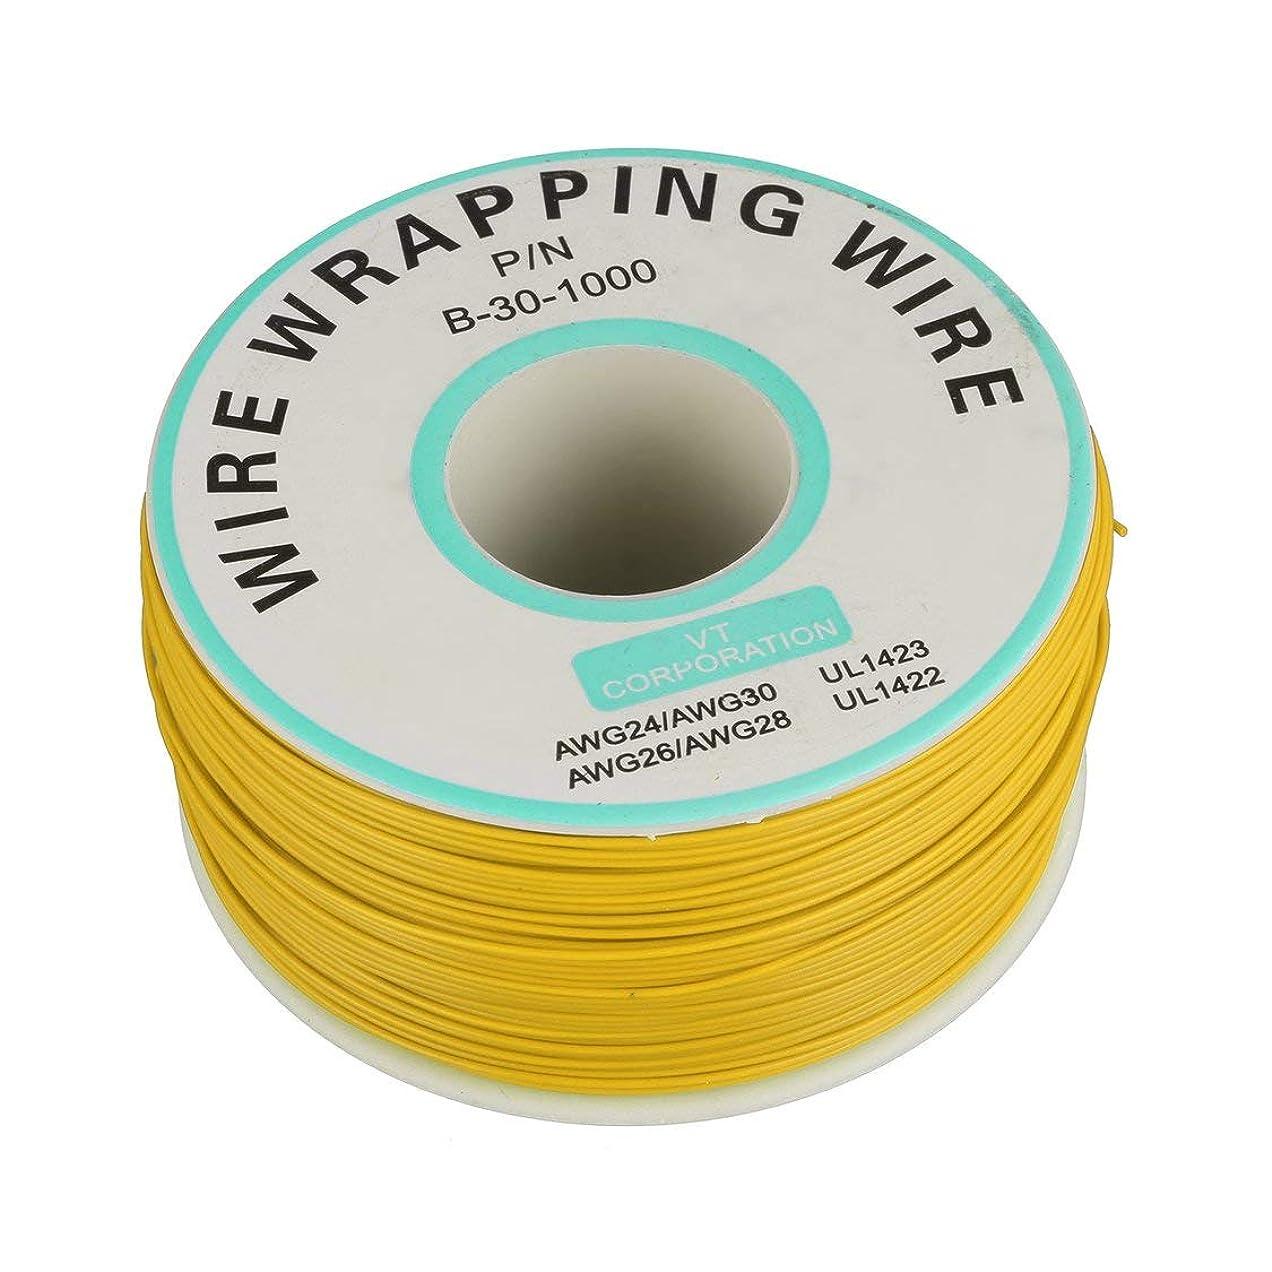 制裁指フェリー250m 30awgシングルコア銅線Okライン回路フライラインPcbジャンパー線電子溶接ケーブル